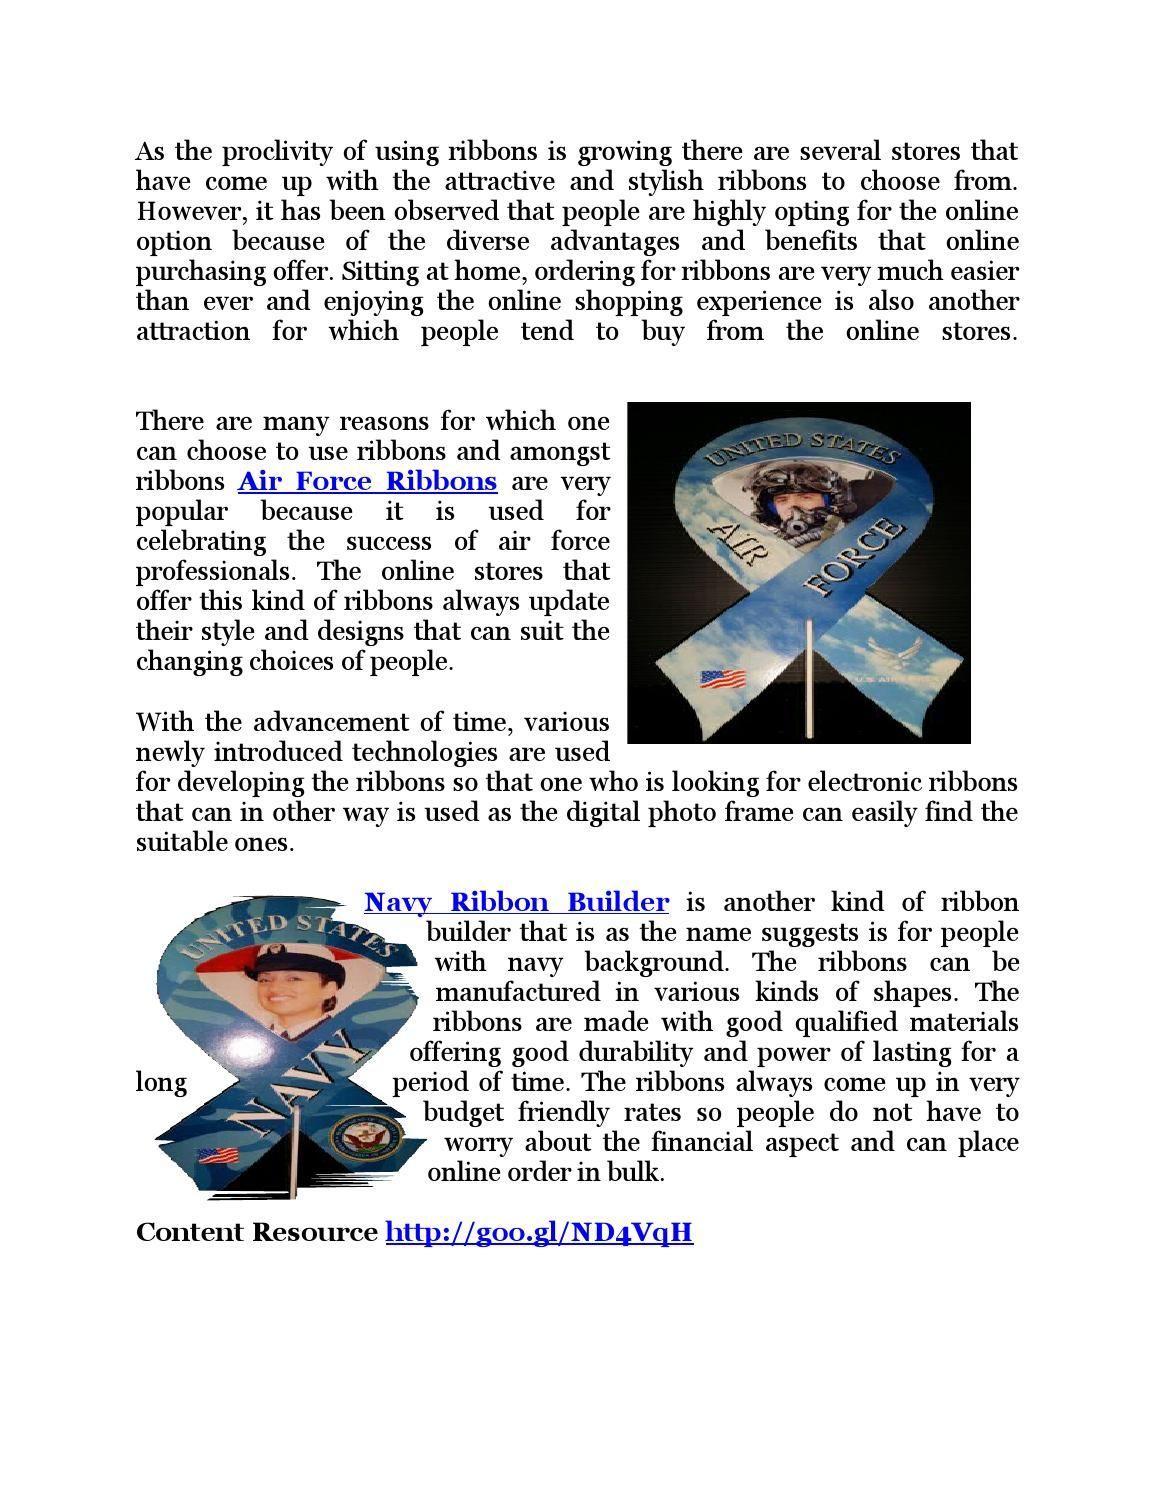 Air force navy ribbon builder Navy ribbon, Air force